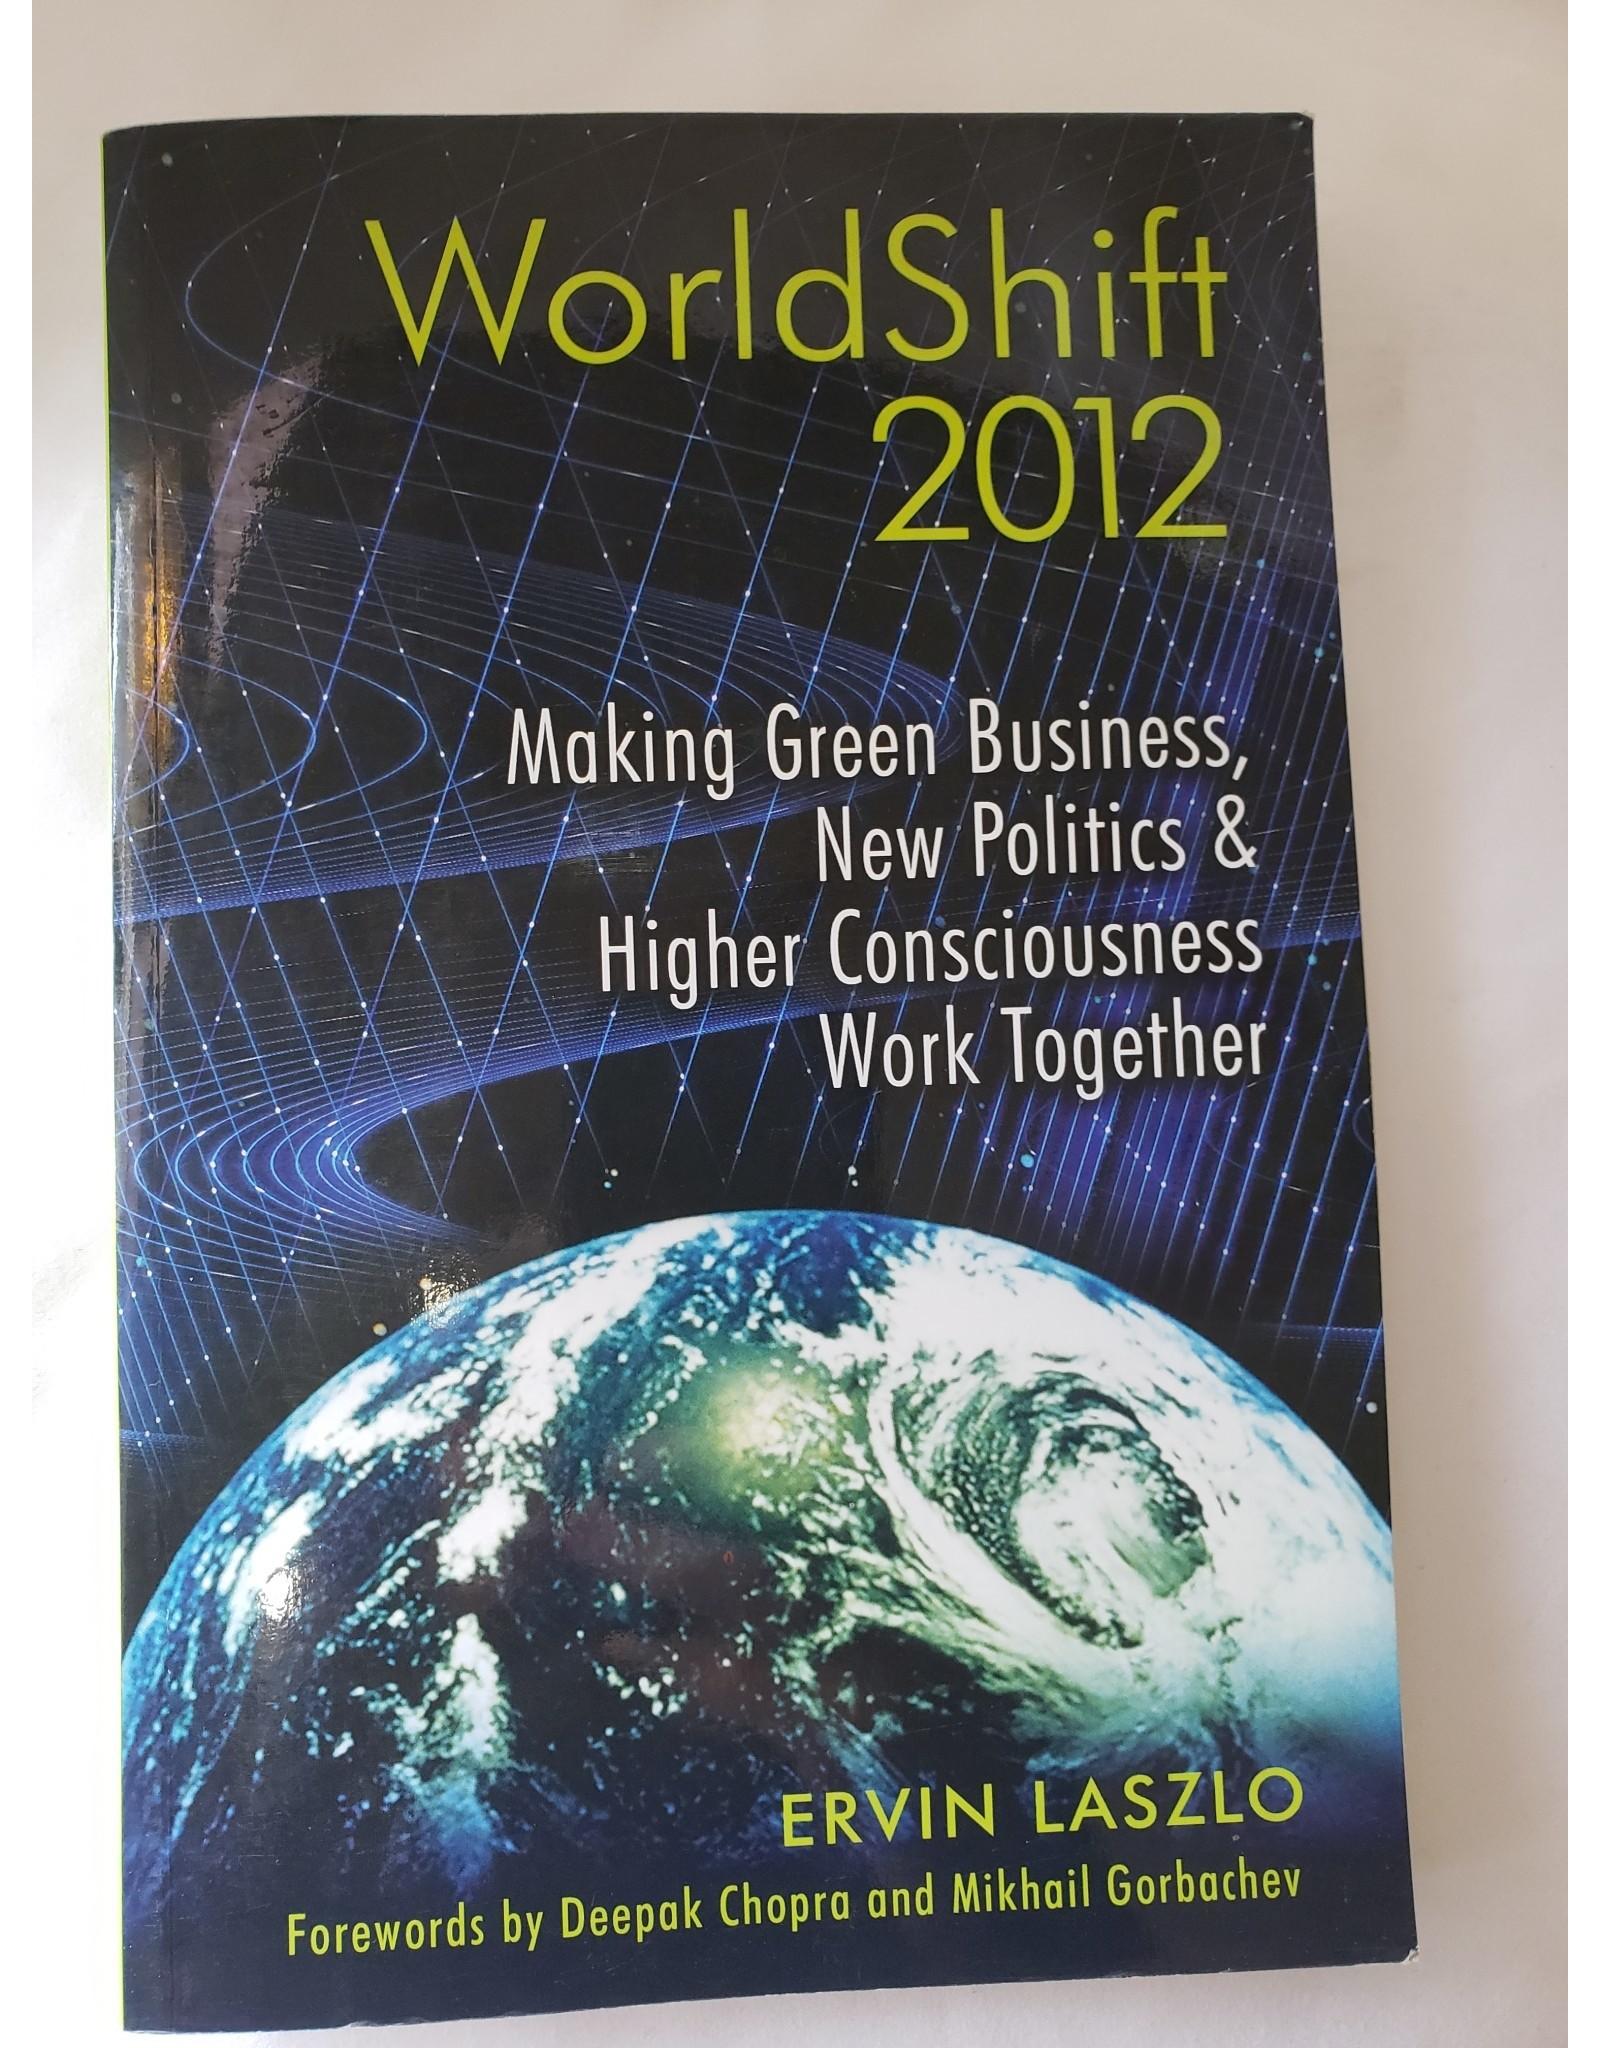 WorldShift 2012 by Ervin Laszlo